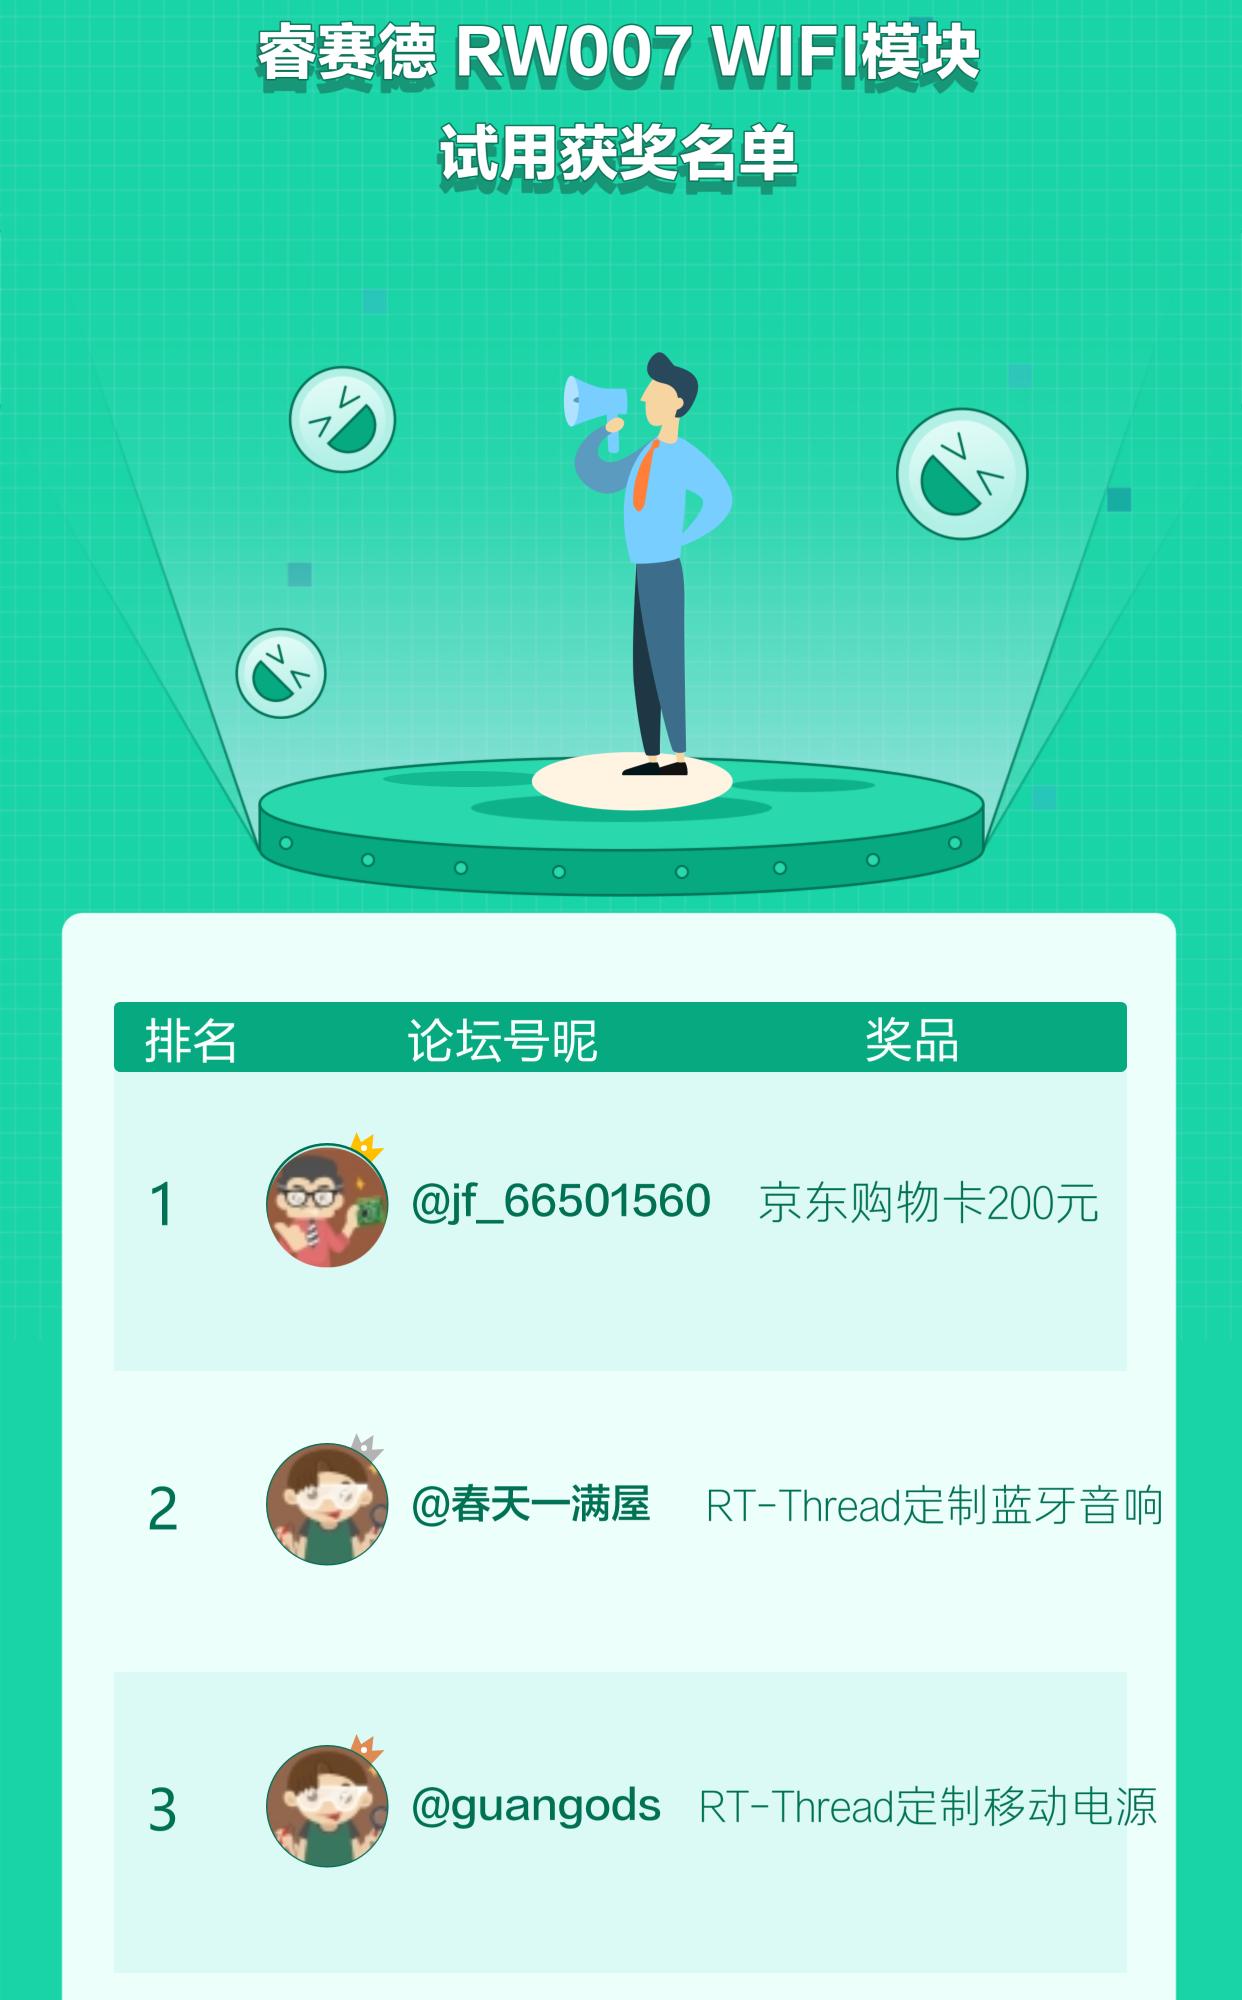 睿赛德(RT-Thread) RW007 WIFI模块试用获奖名单